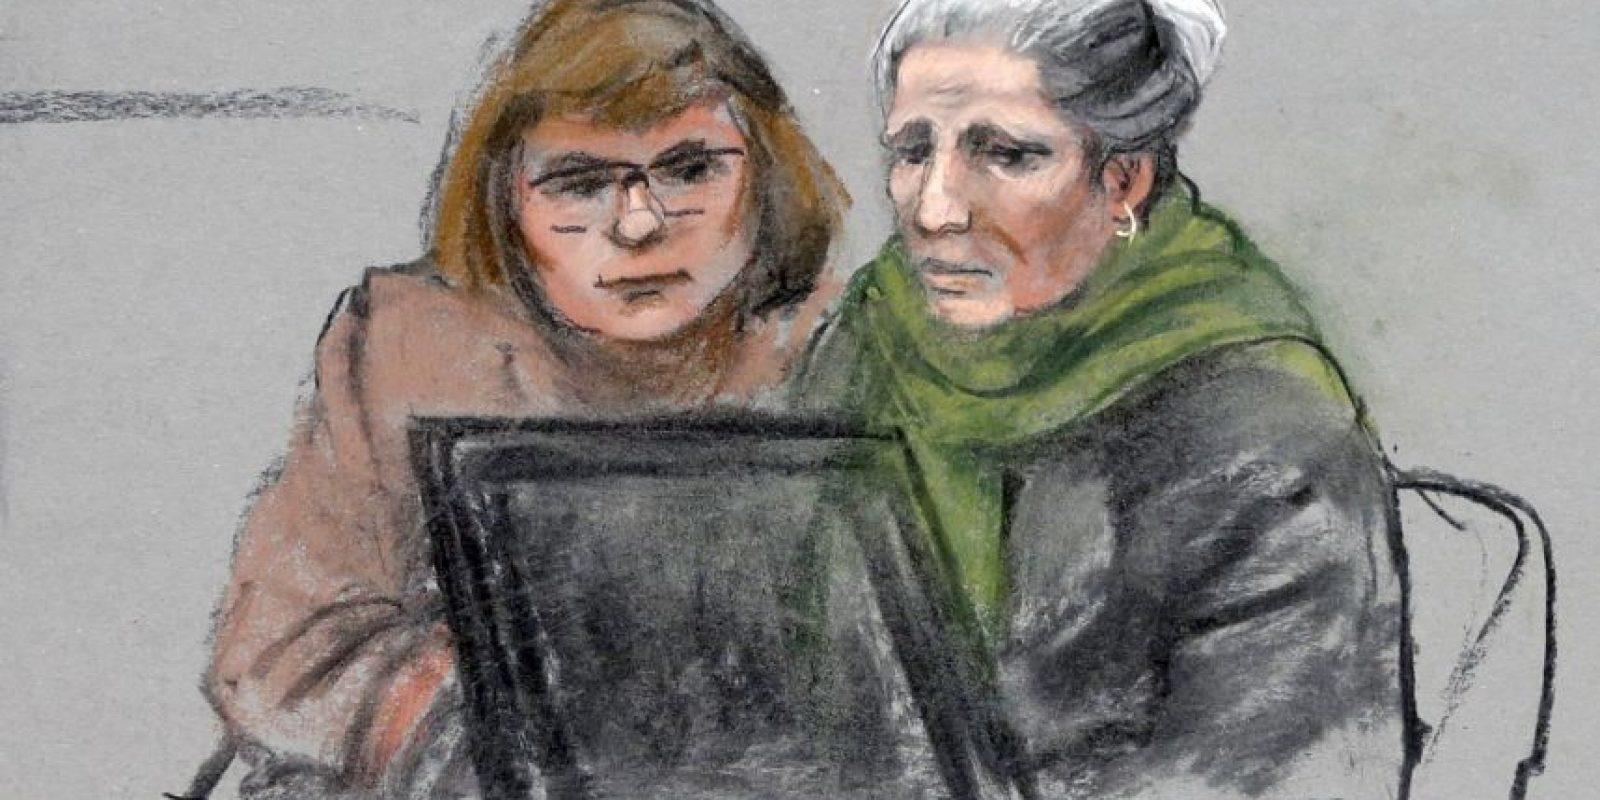 El juez George O'Toole sugirió que la defensa llamara otro testigo para que ella se repusiera. Foto:AP